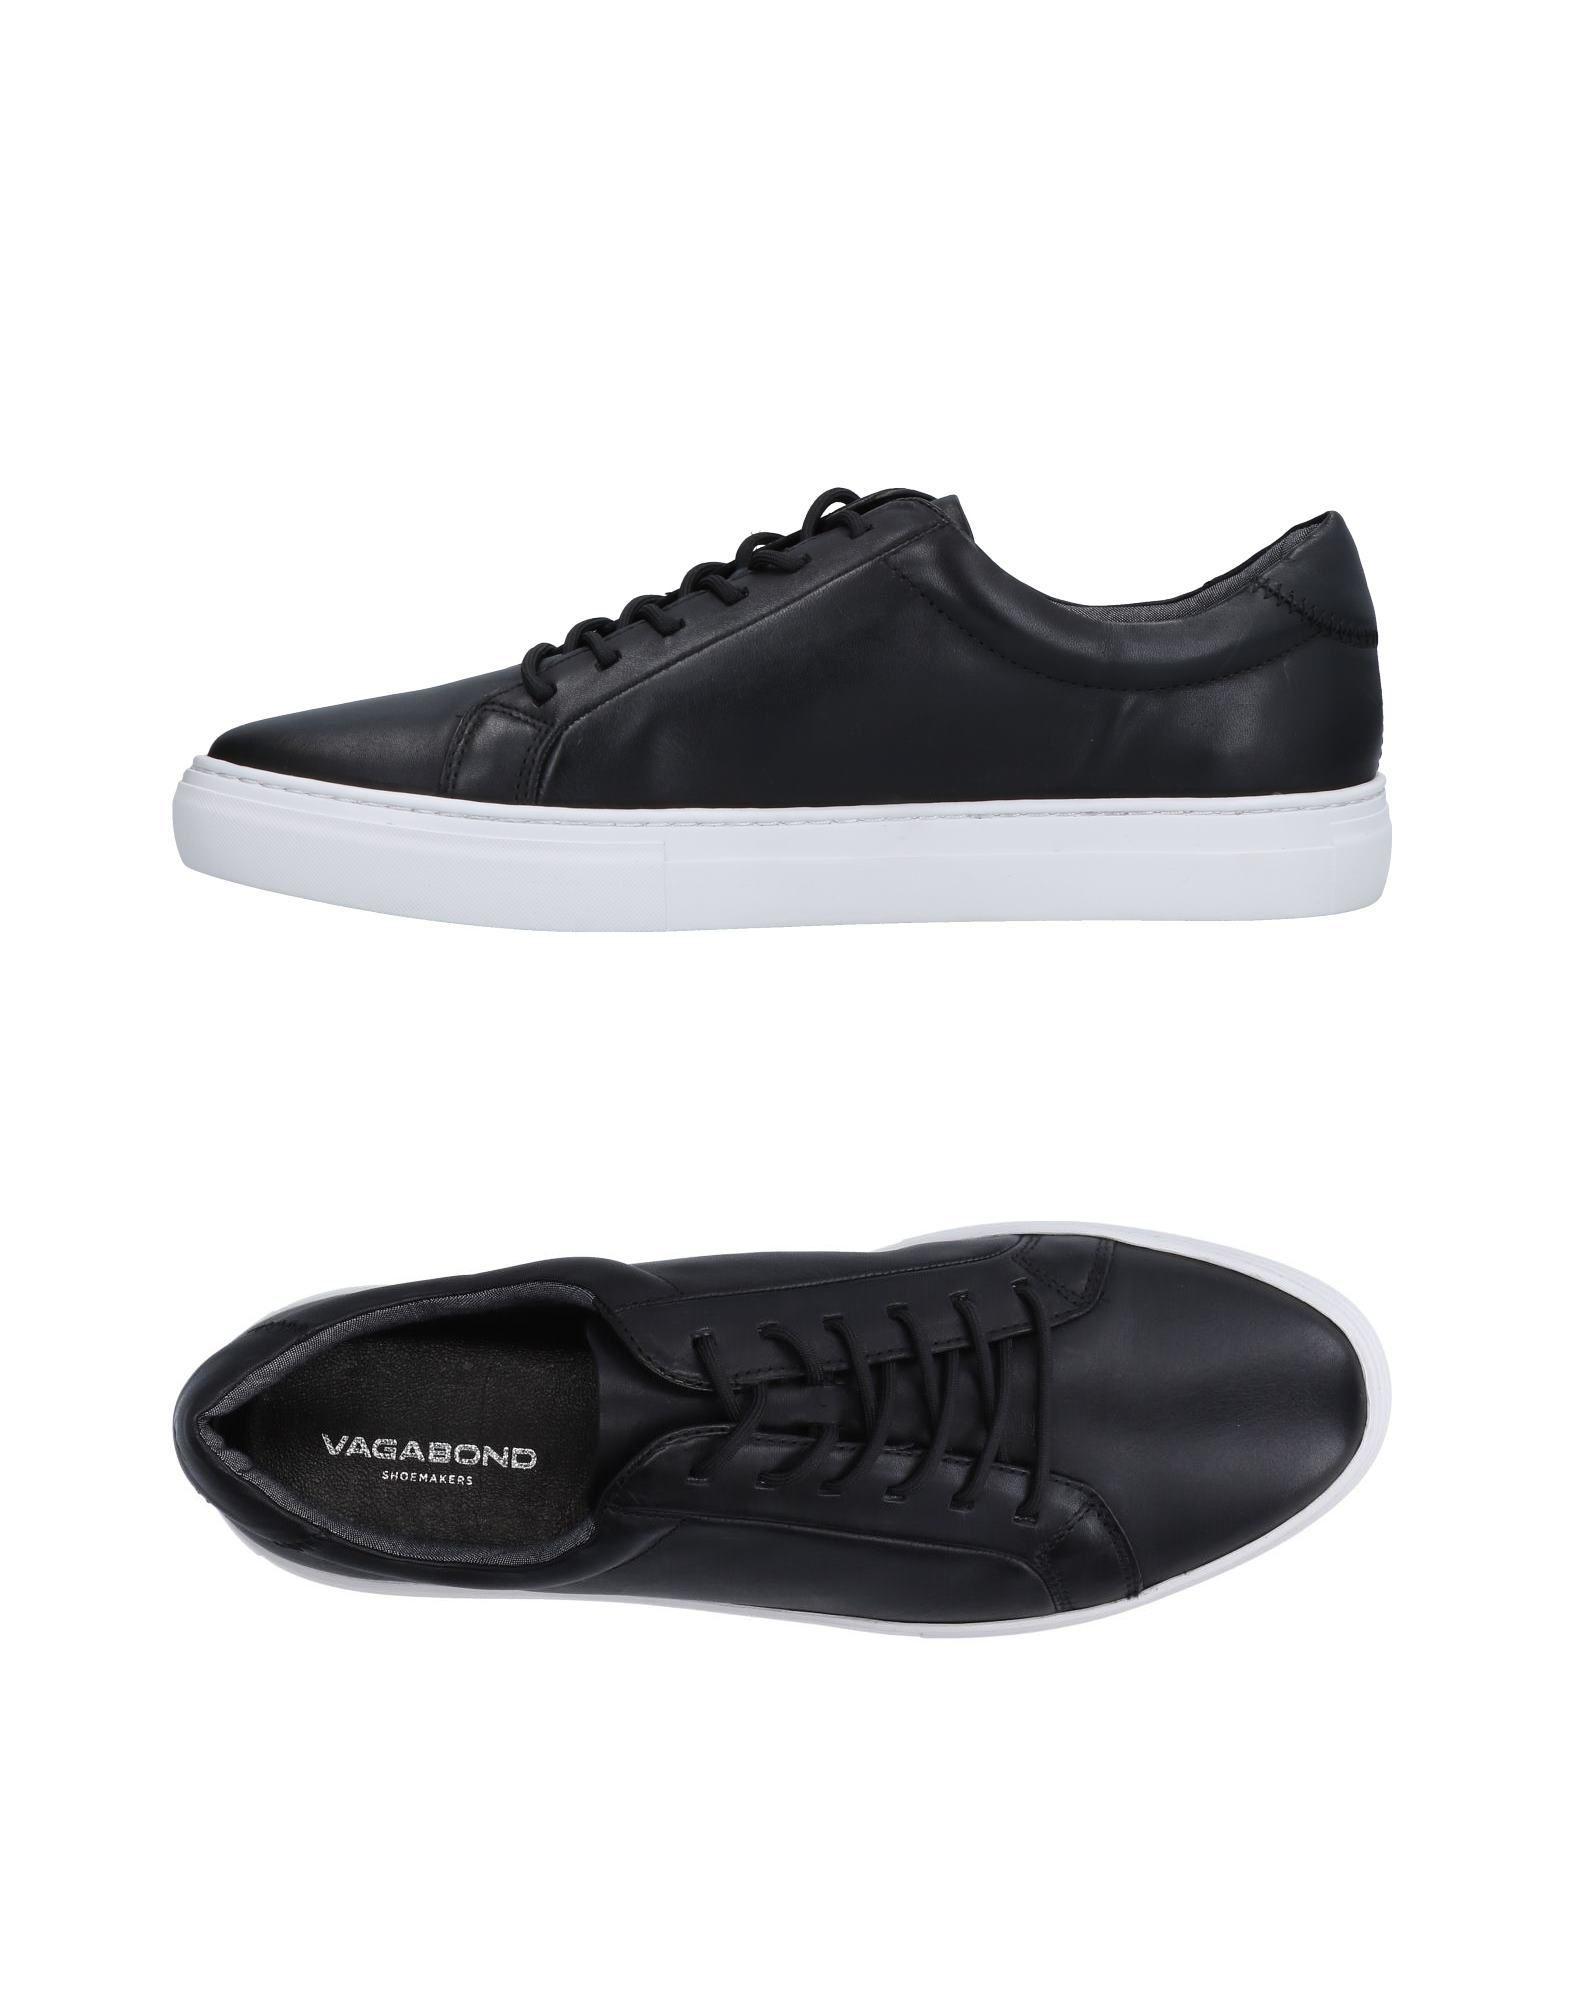 Vagabond Shoemakers Sneakers Herren  11512979FO Gute Qualität beliebte Schuhe